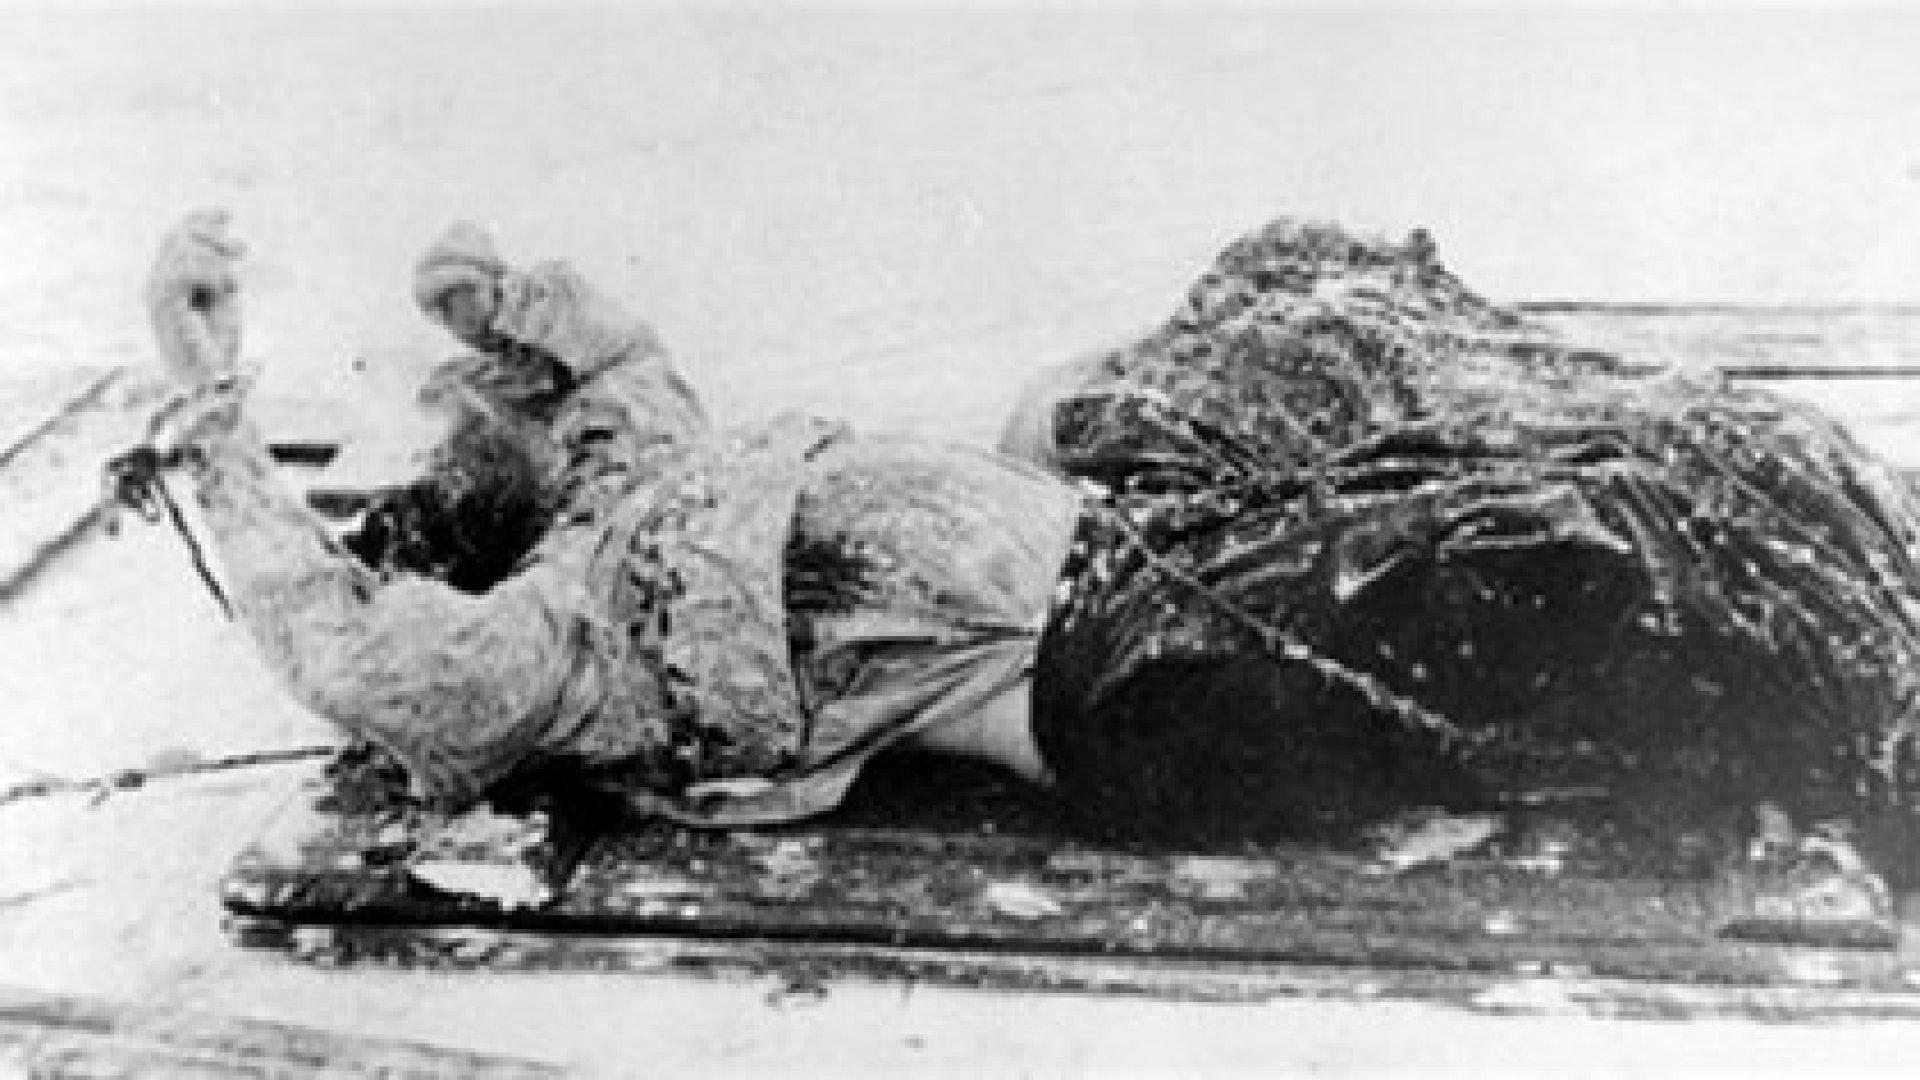 La Policía del Zar rescató el cuerpo congelado de Grigori Rasputín de las aguas heladas del río Neva (Creative commons)